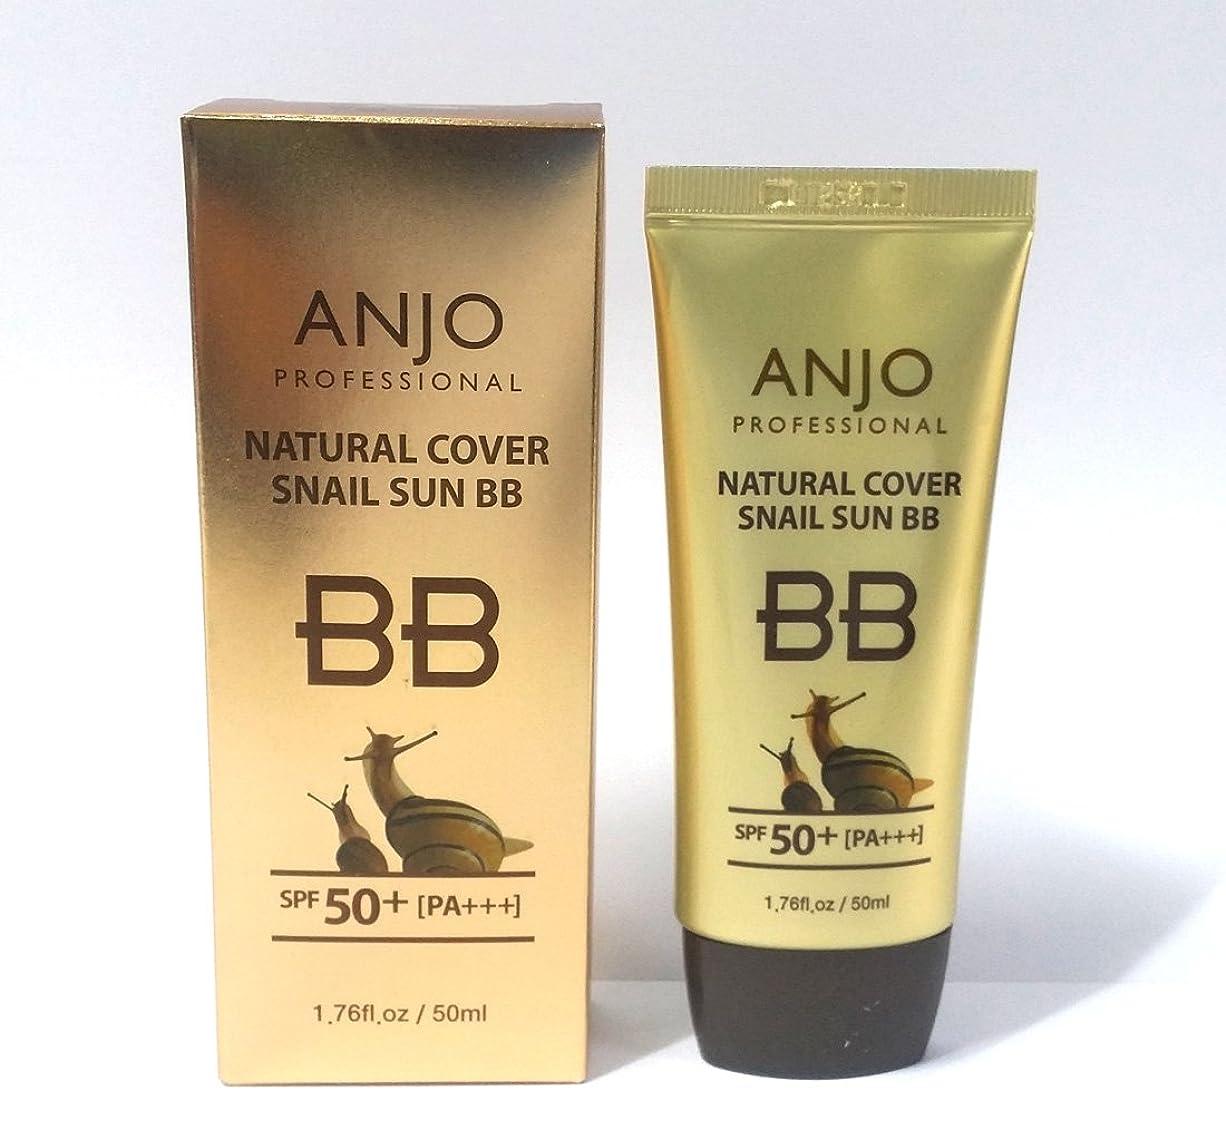 選挙クリック然とした[ANJO] ナチュラルカバーカタツムリサンBBクリームSPF 50 + PA +++ 50ml X 3EA /メイクアップベース/カタツムリ粘液 / Natural Cover Snail Sun BB Cream SPF 50+PA+++ 50ml X 3EA / Makeup Base / Snail Mucus / 韓国化粧品 / Korean Cosmetics [並行輸入品]